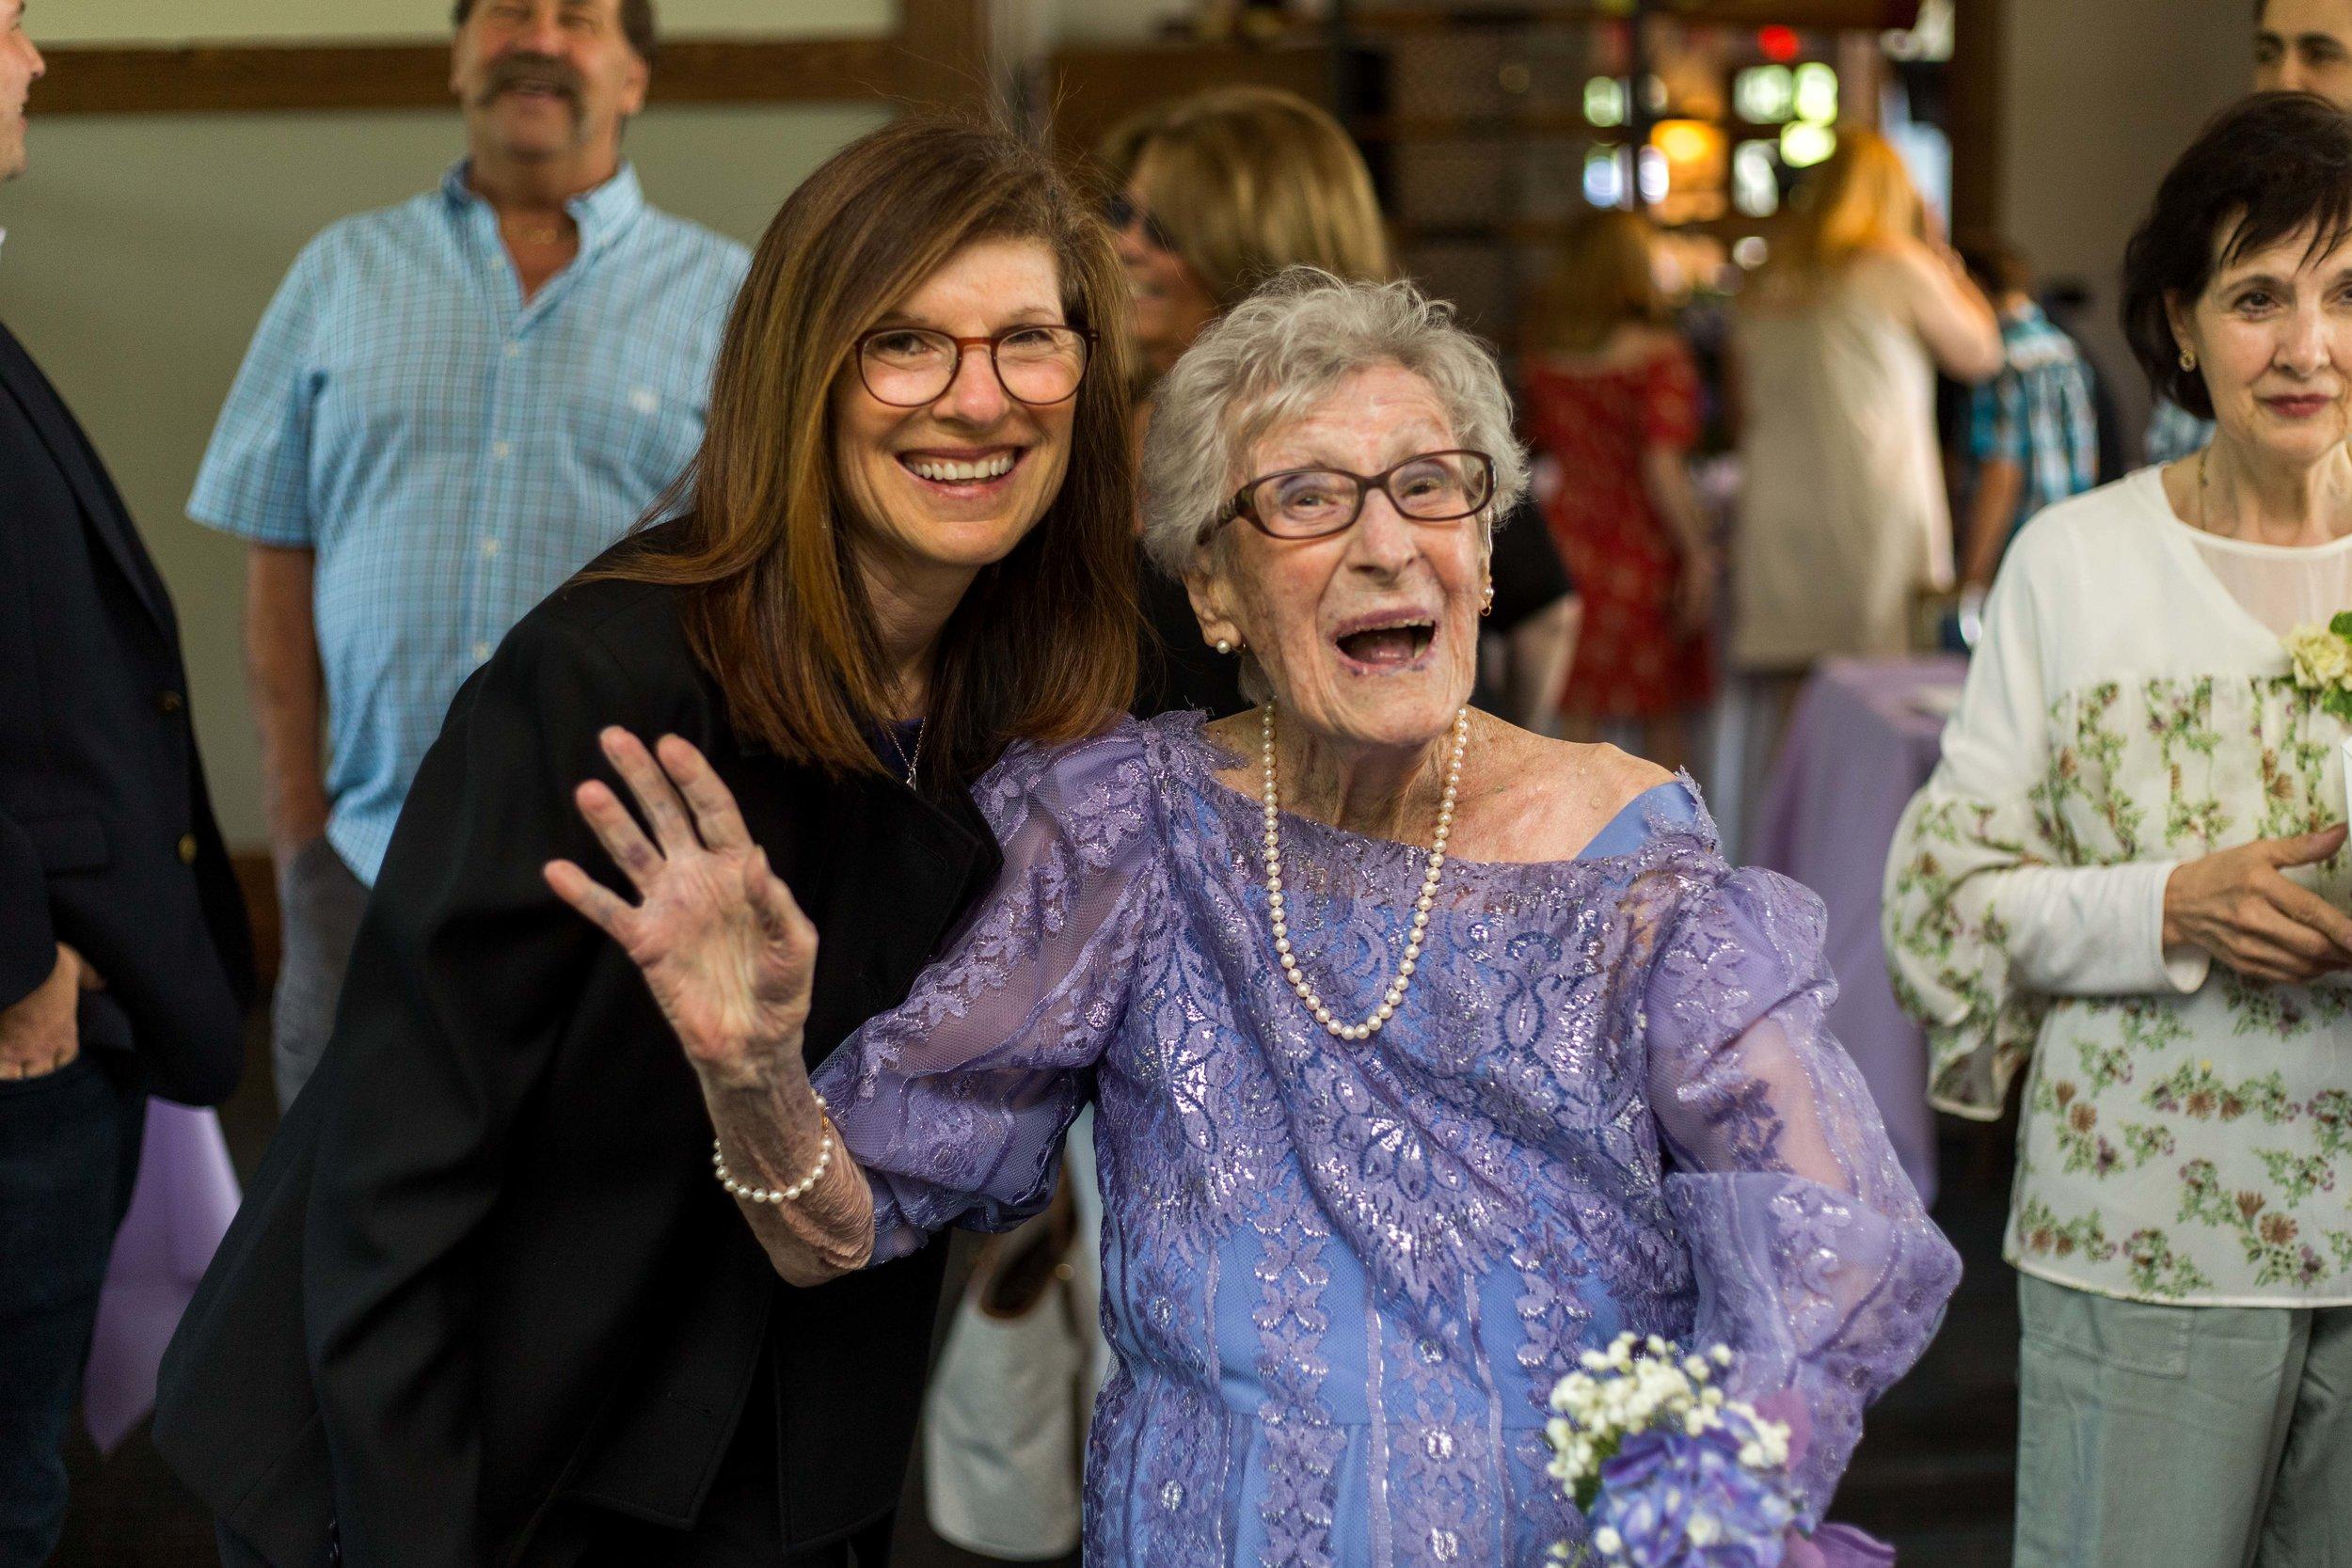 McLoones Boathouse West Orange NJ 100th Birthday Party Event Photos-6.jpg